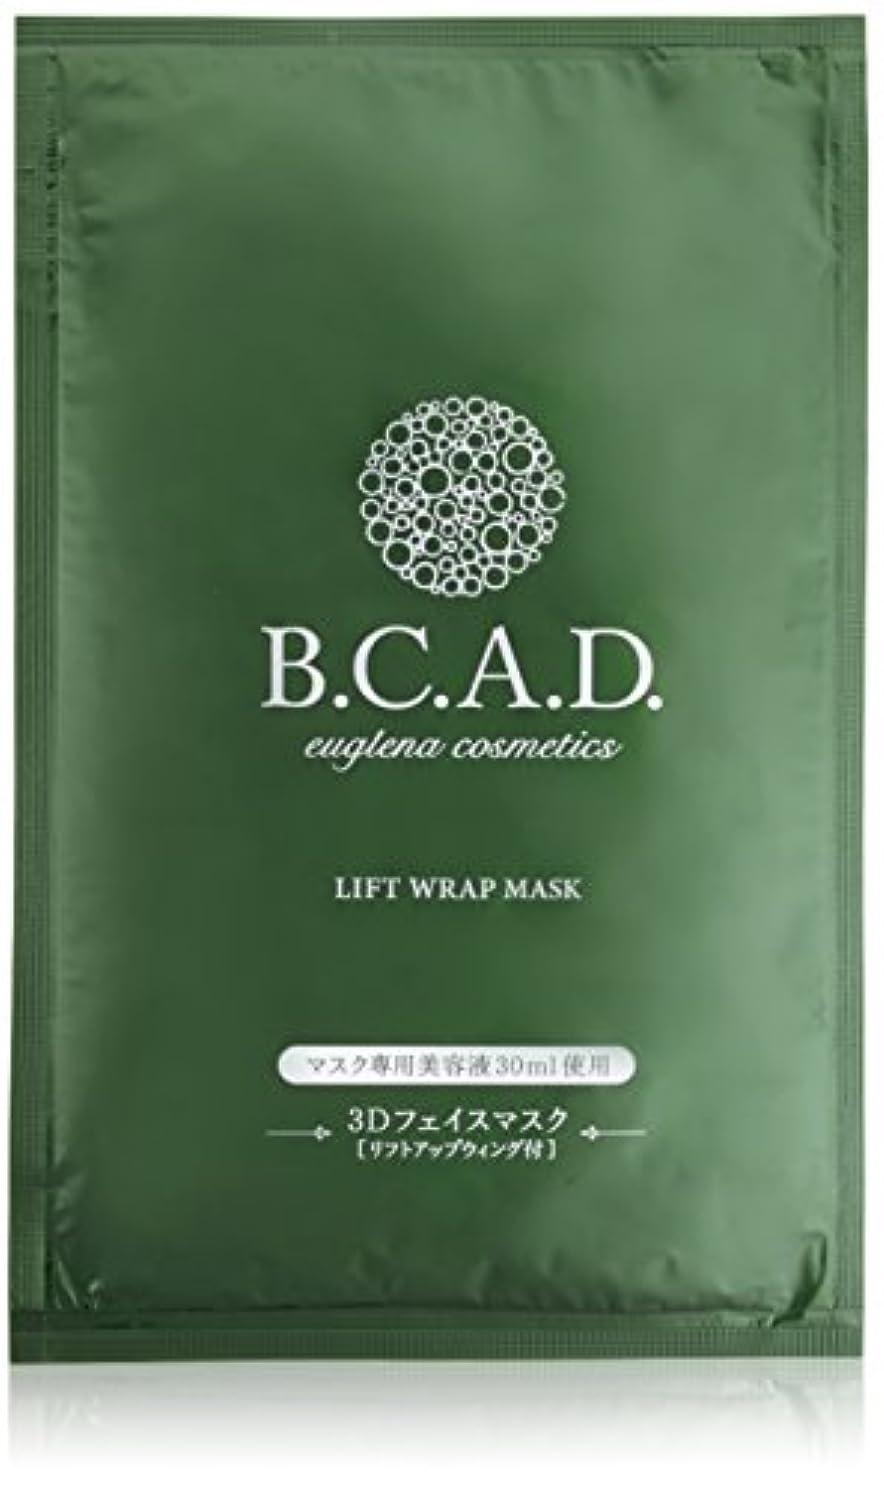 ビーシーエーディー B.C.A.D. リフトラップマスク 1枚